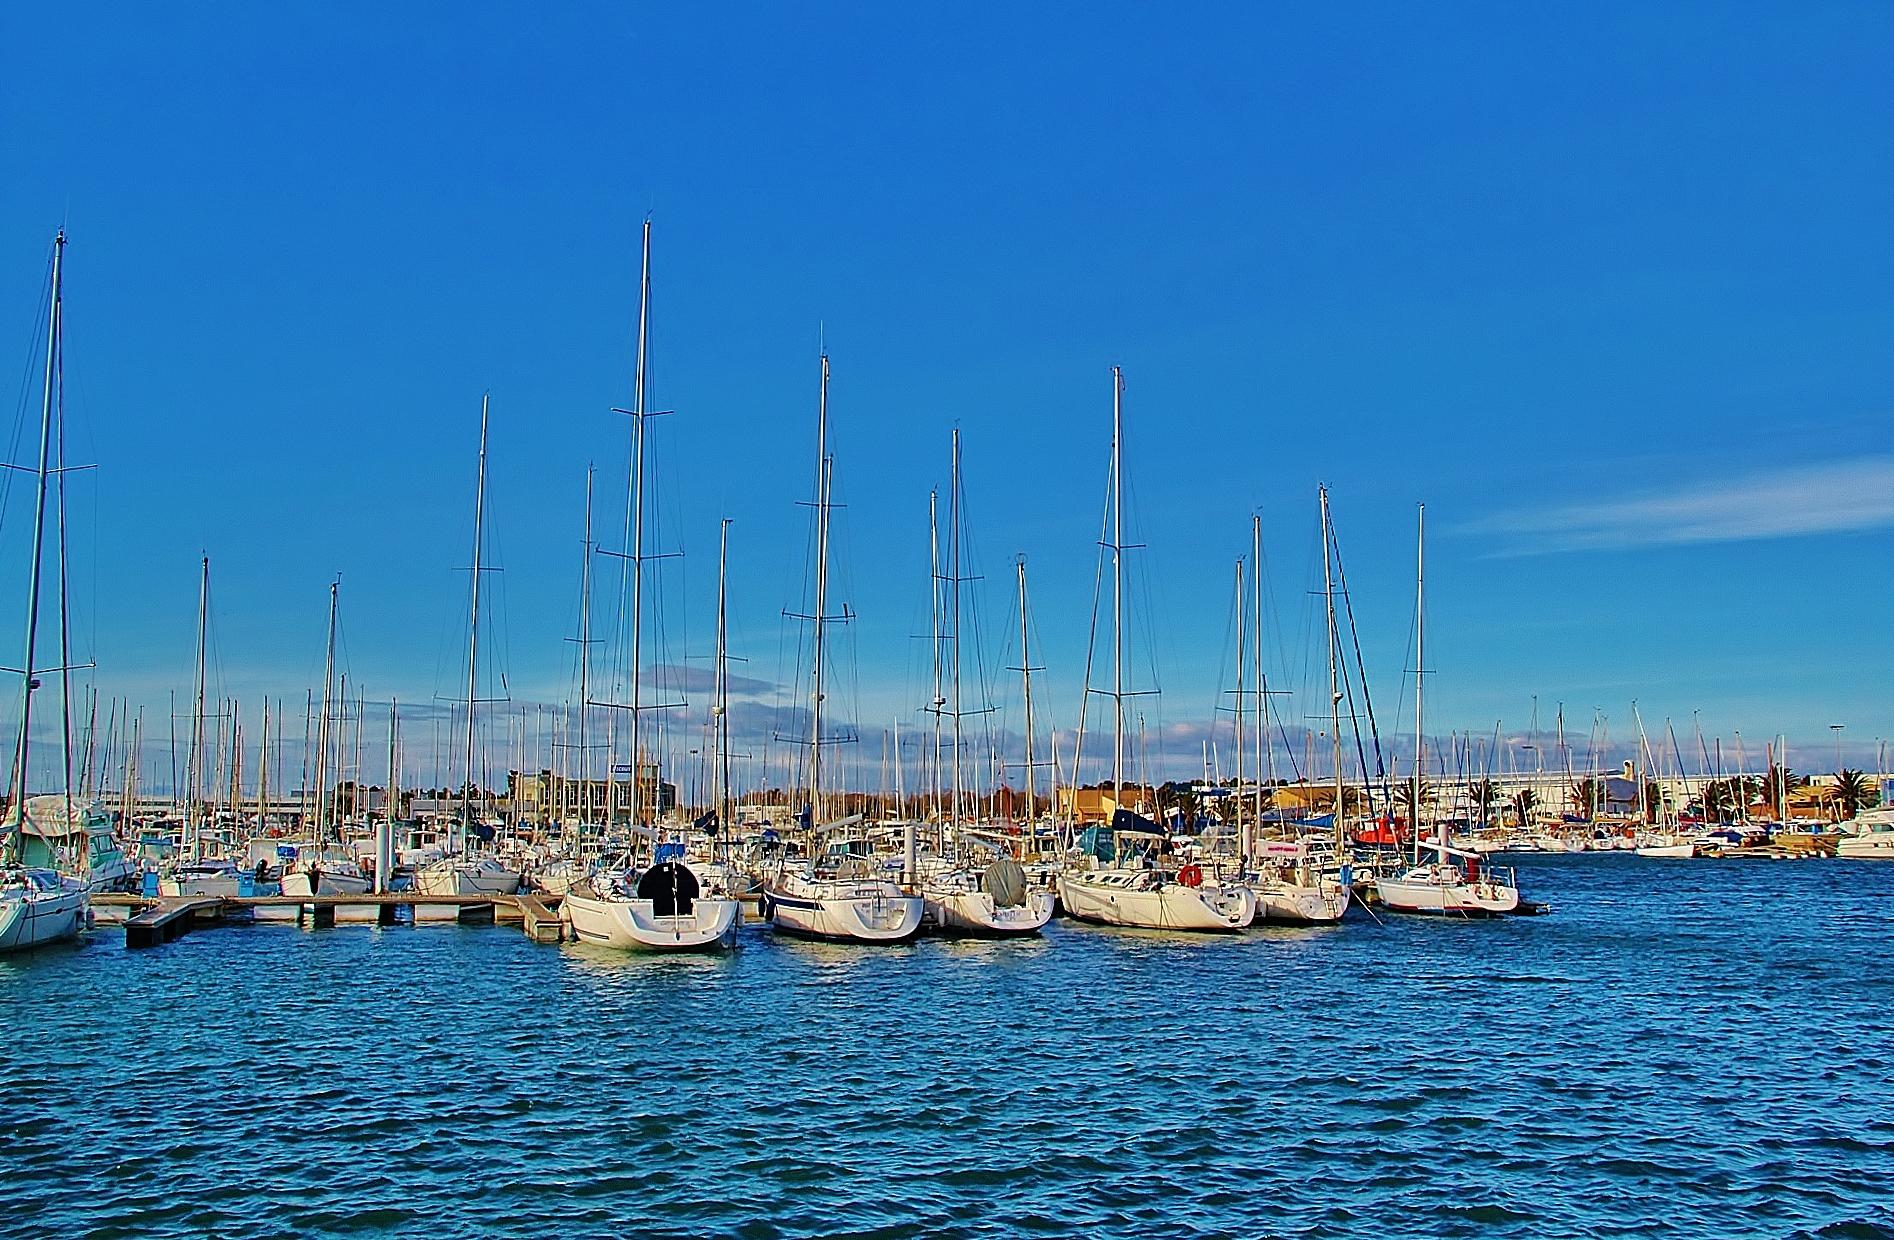 Photo canet en roussillon 66140 port et voiliers - Office du tourisme de canet en roussillon 66140 ...